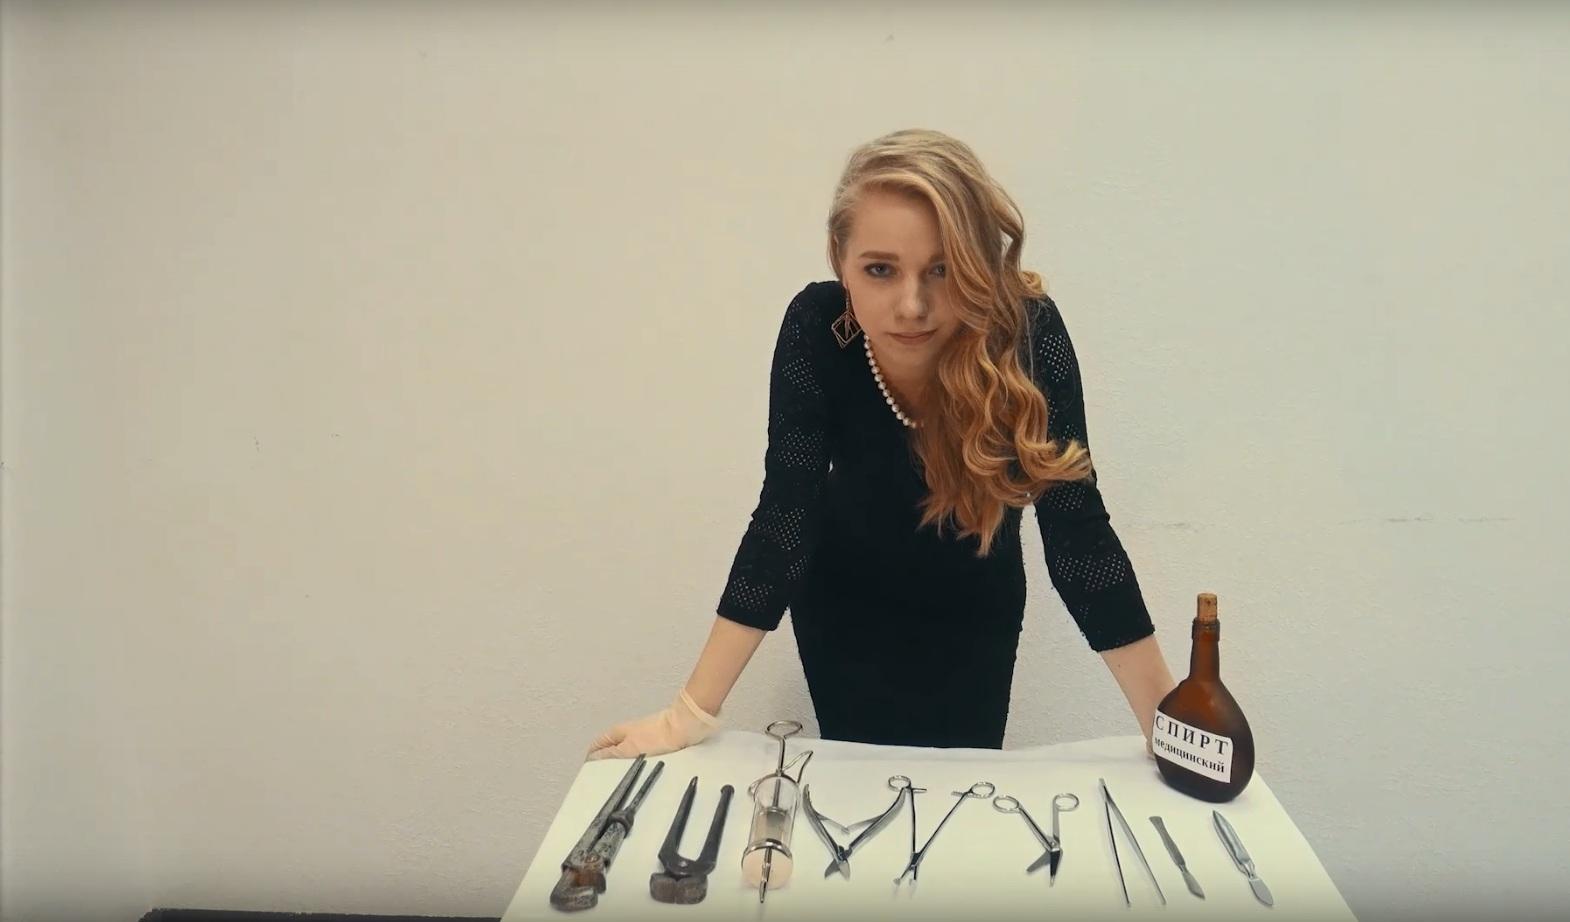 Авторы клипа предлагают «не пытать, а лечить», однако в кадре девушка выкладывает набор странных «для лечения» инструментов